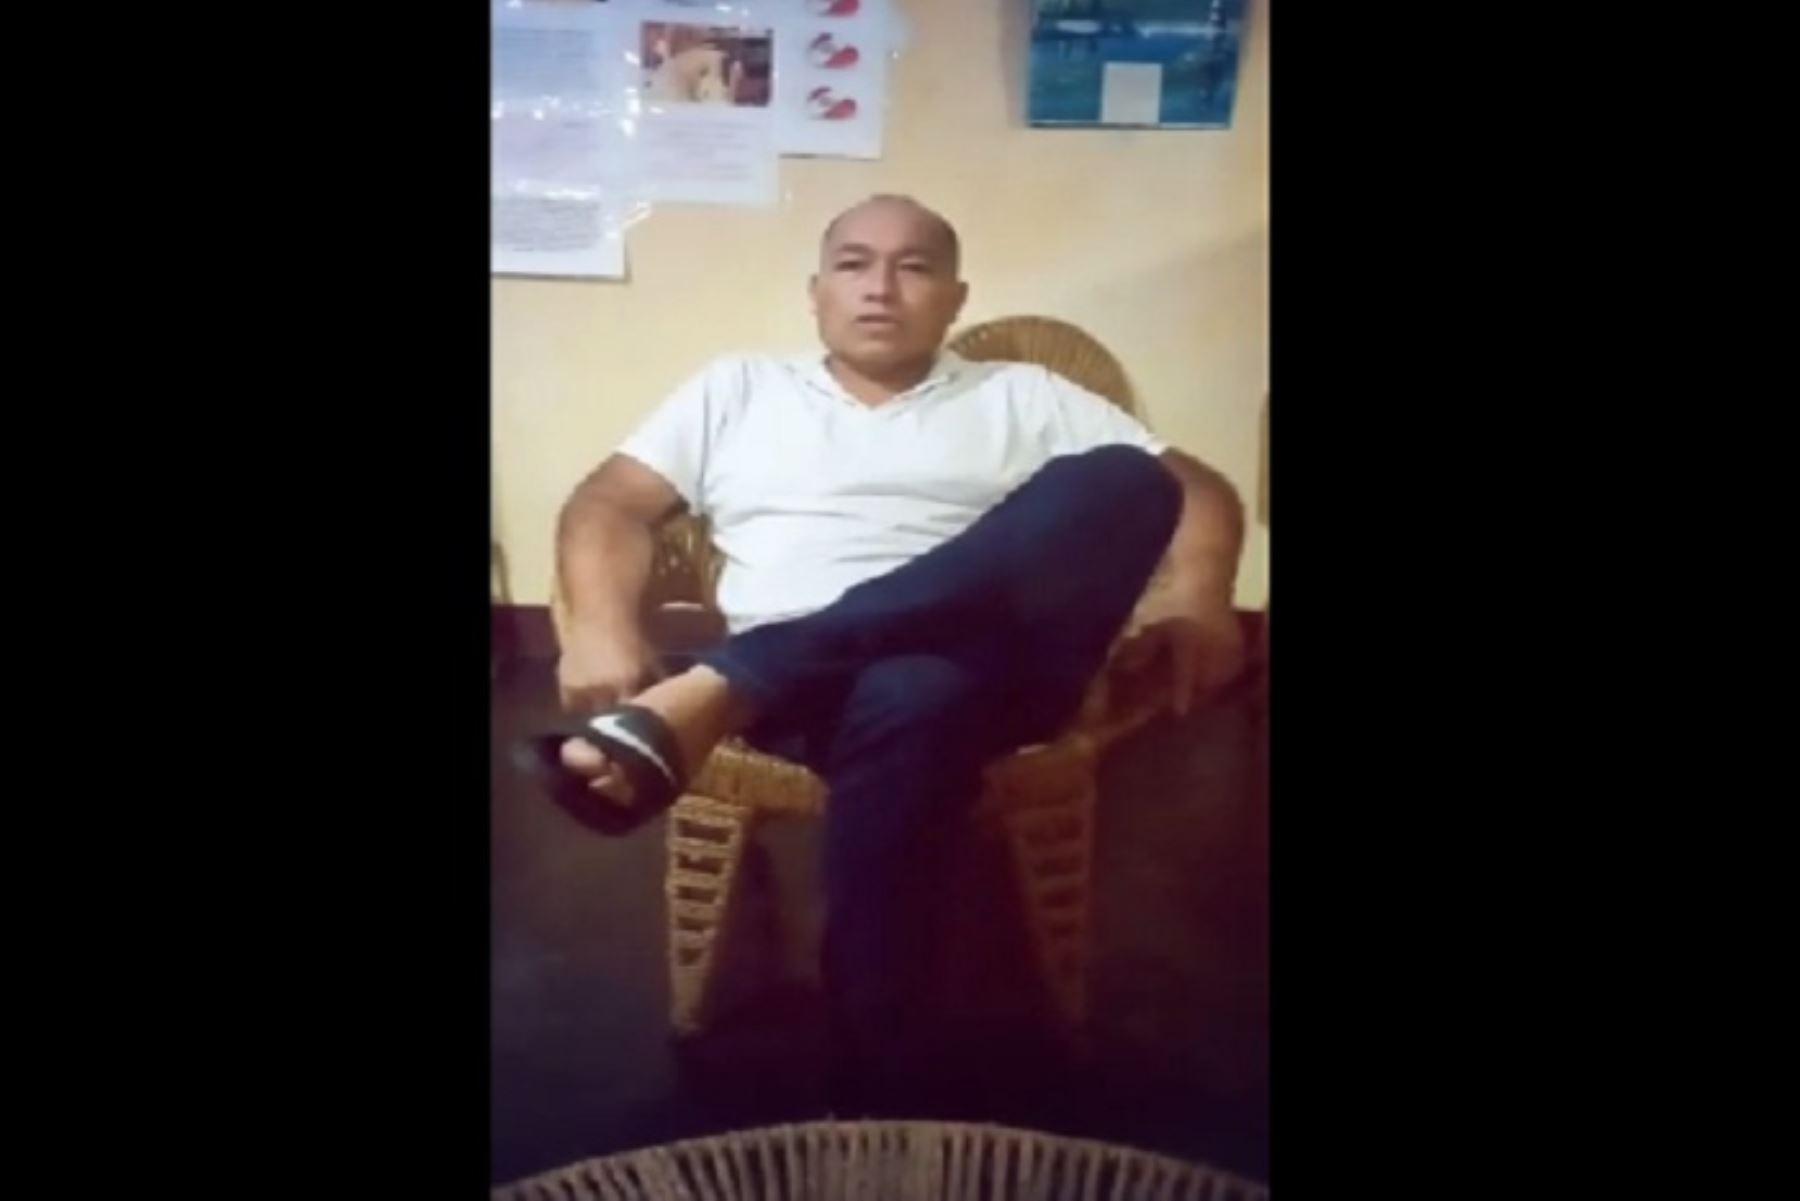 Justo Rosell Gutiérrez es el nombre del hombre protagonista de esta historia de triunfo. Él envió un vídeo agradeciendo al personal de salud por haber batallado a su lado para superar esta terrible enfermedad.